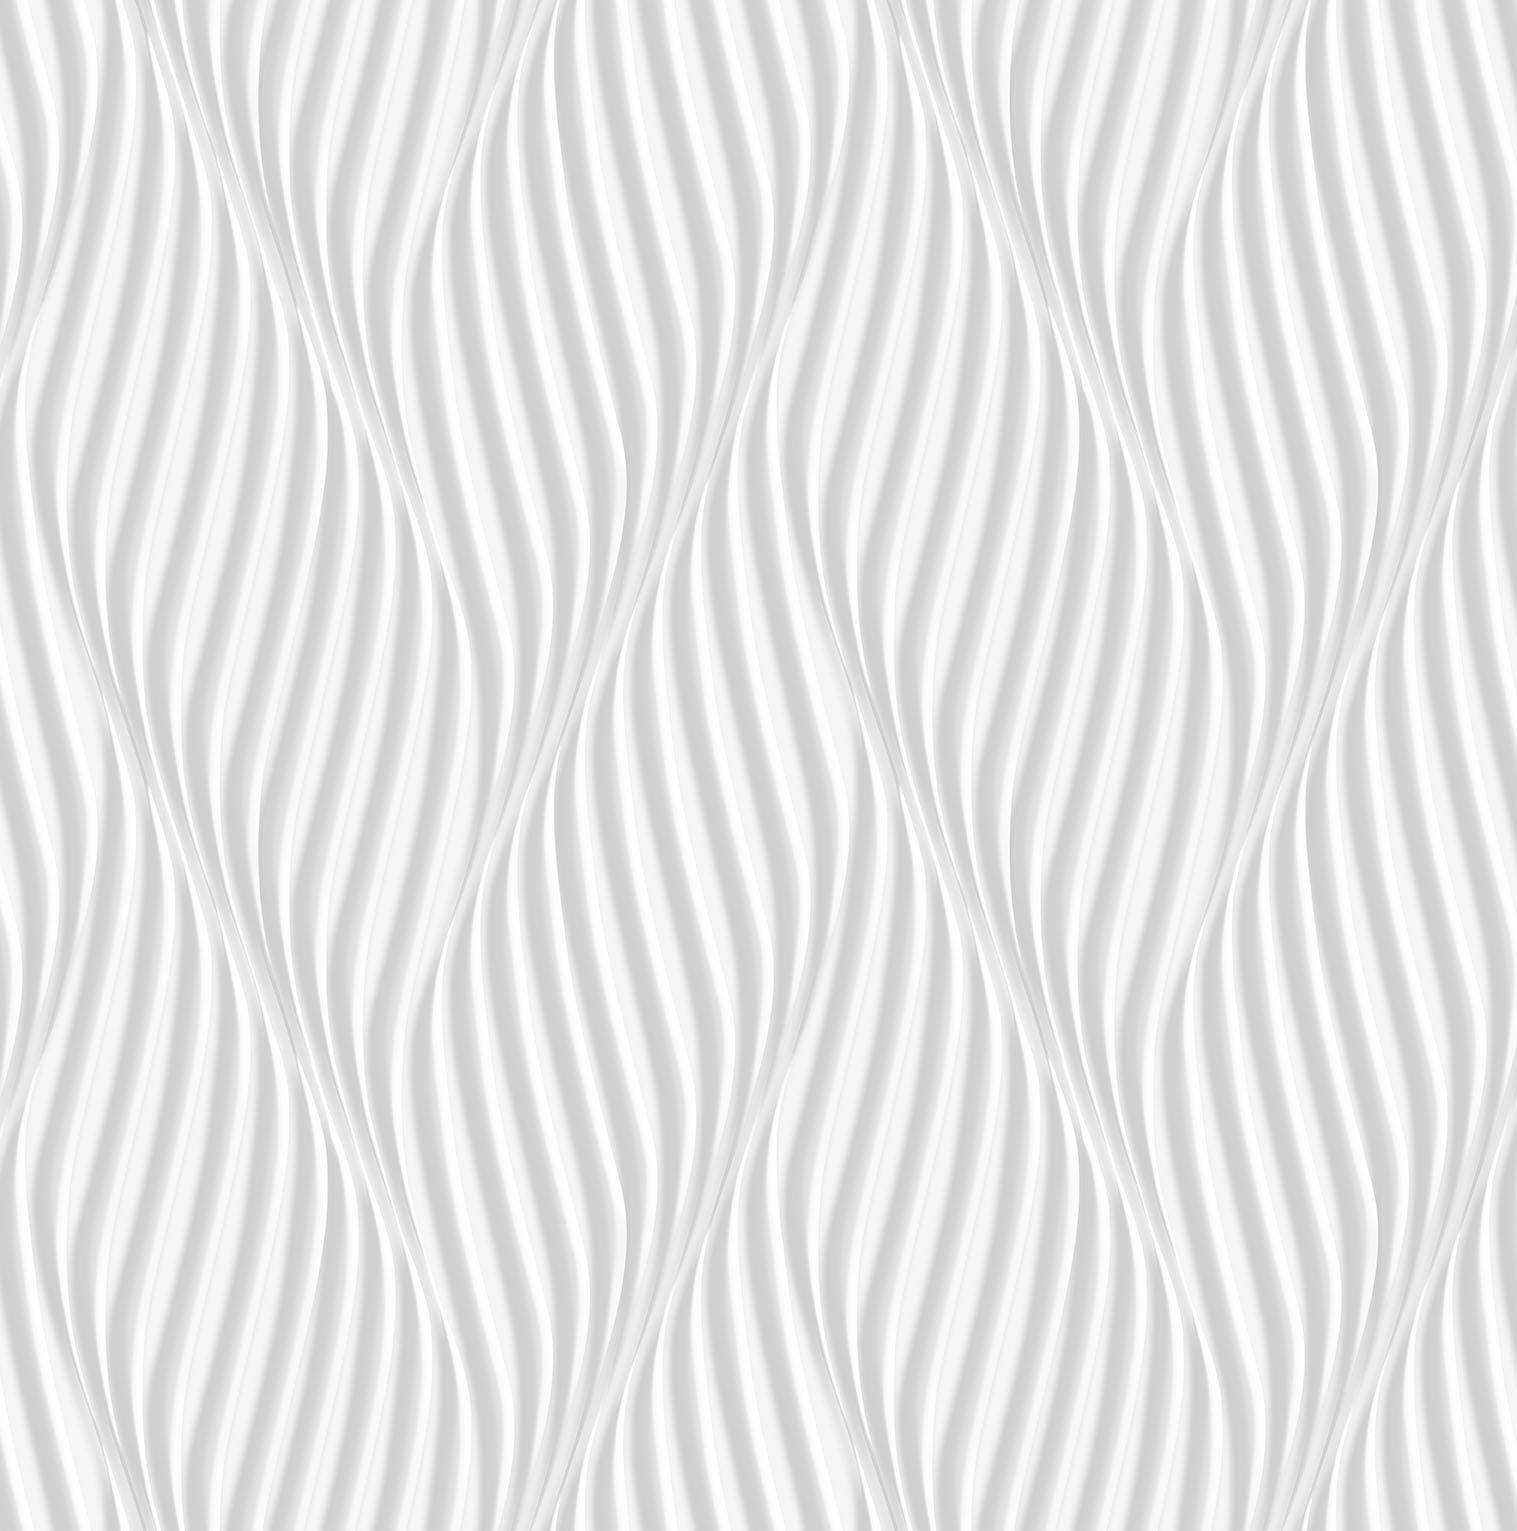 Papel de parede Bobinex Vinílico  Coleção Dimensões Geométrico Espiral Cinza claro, Marfim